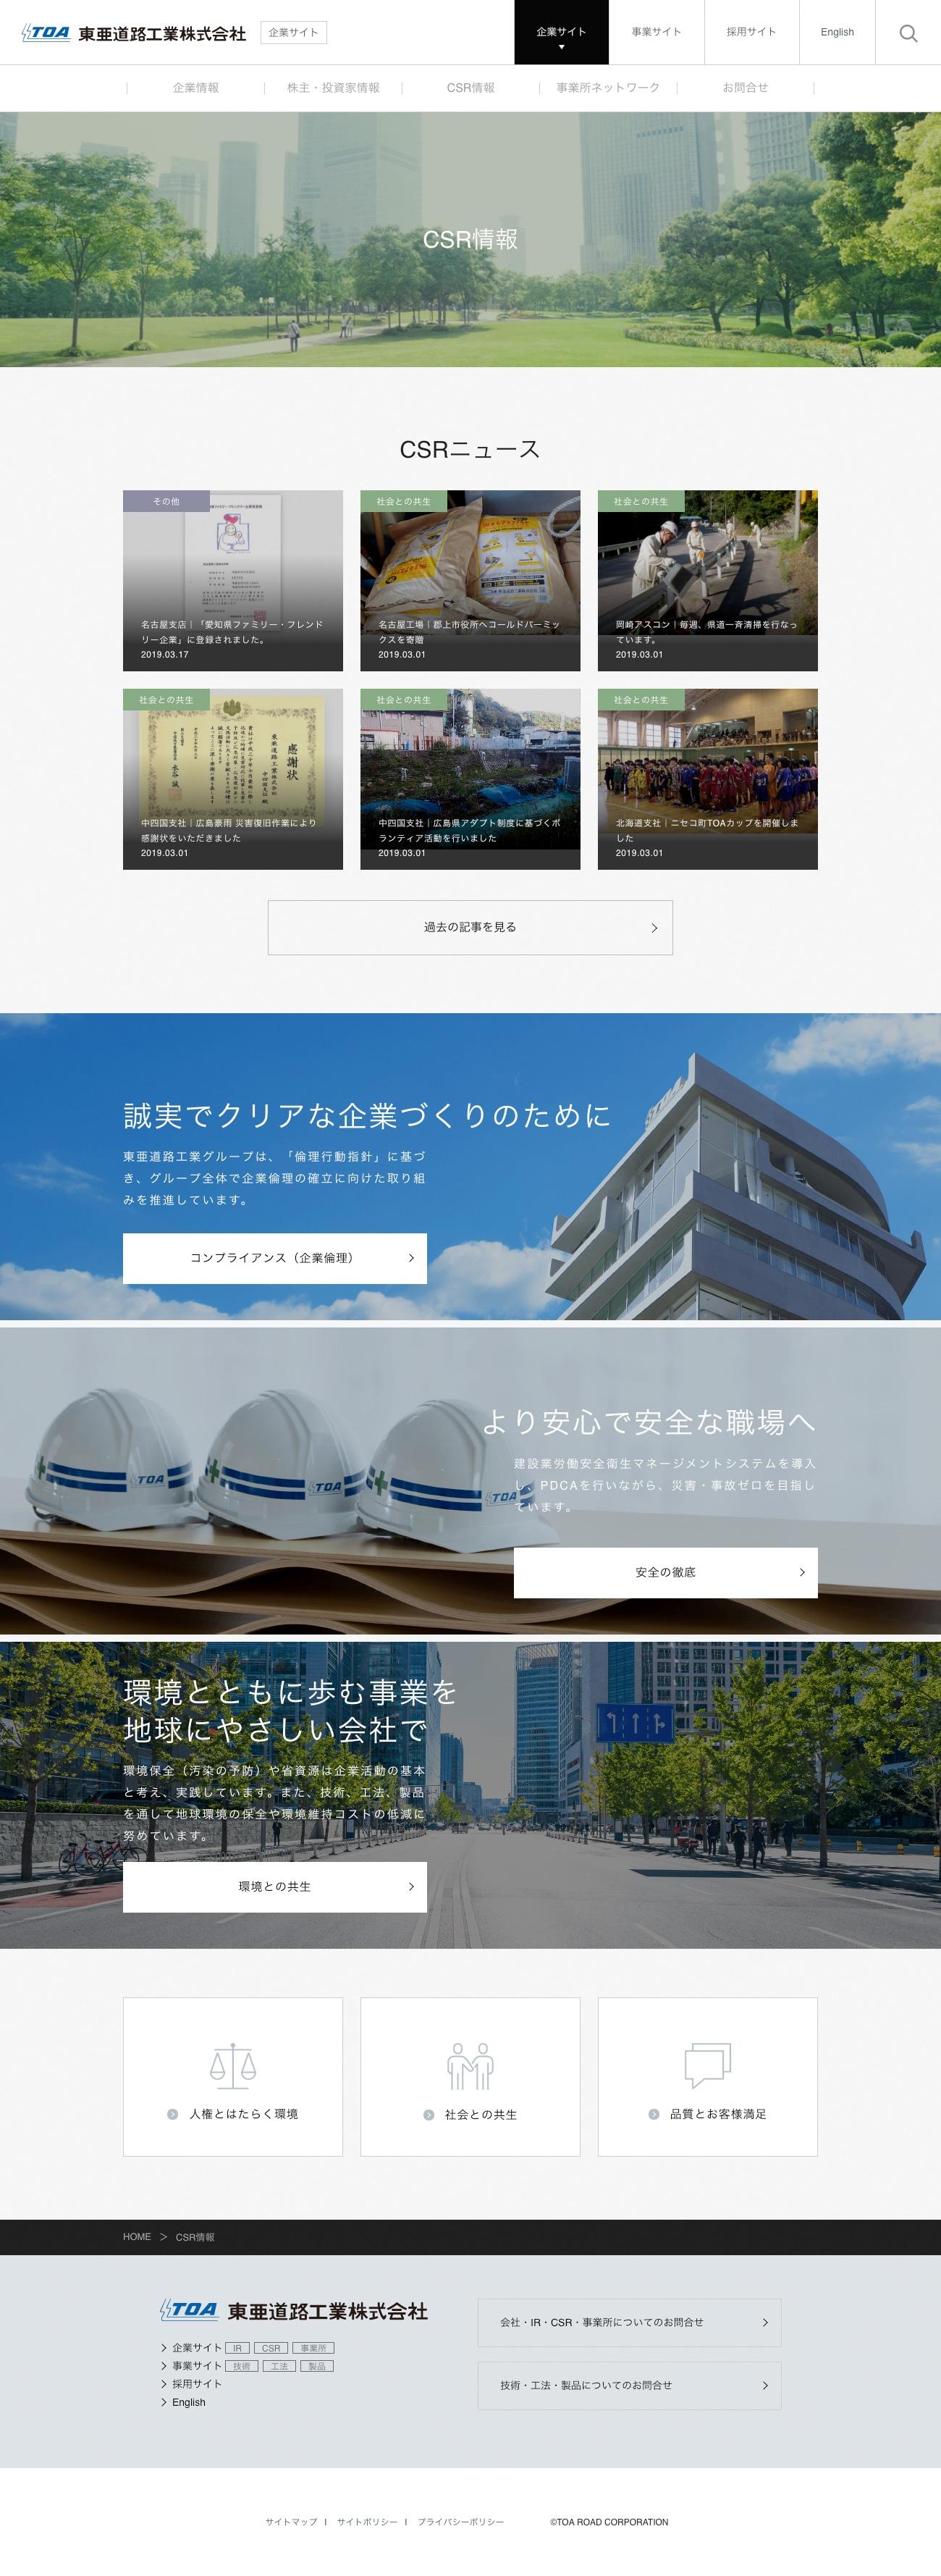 東亜道路工業株式会社様・Webサイト